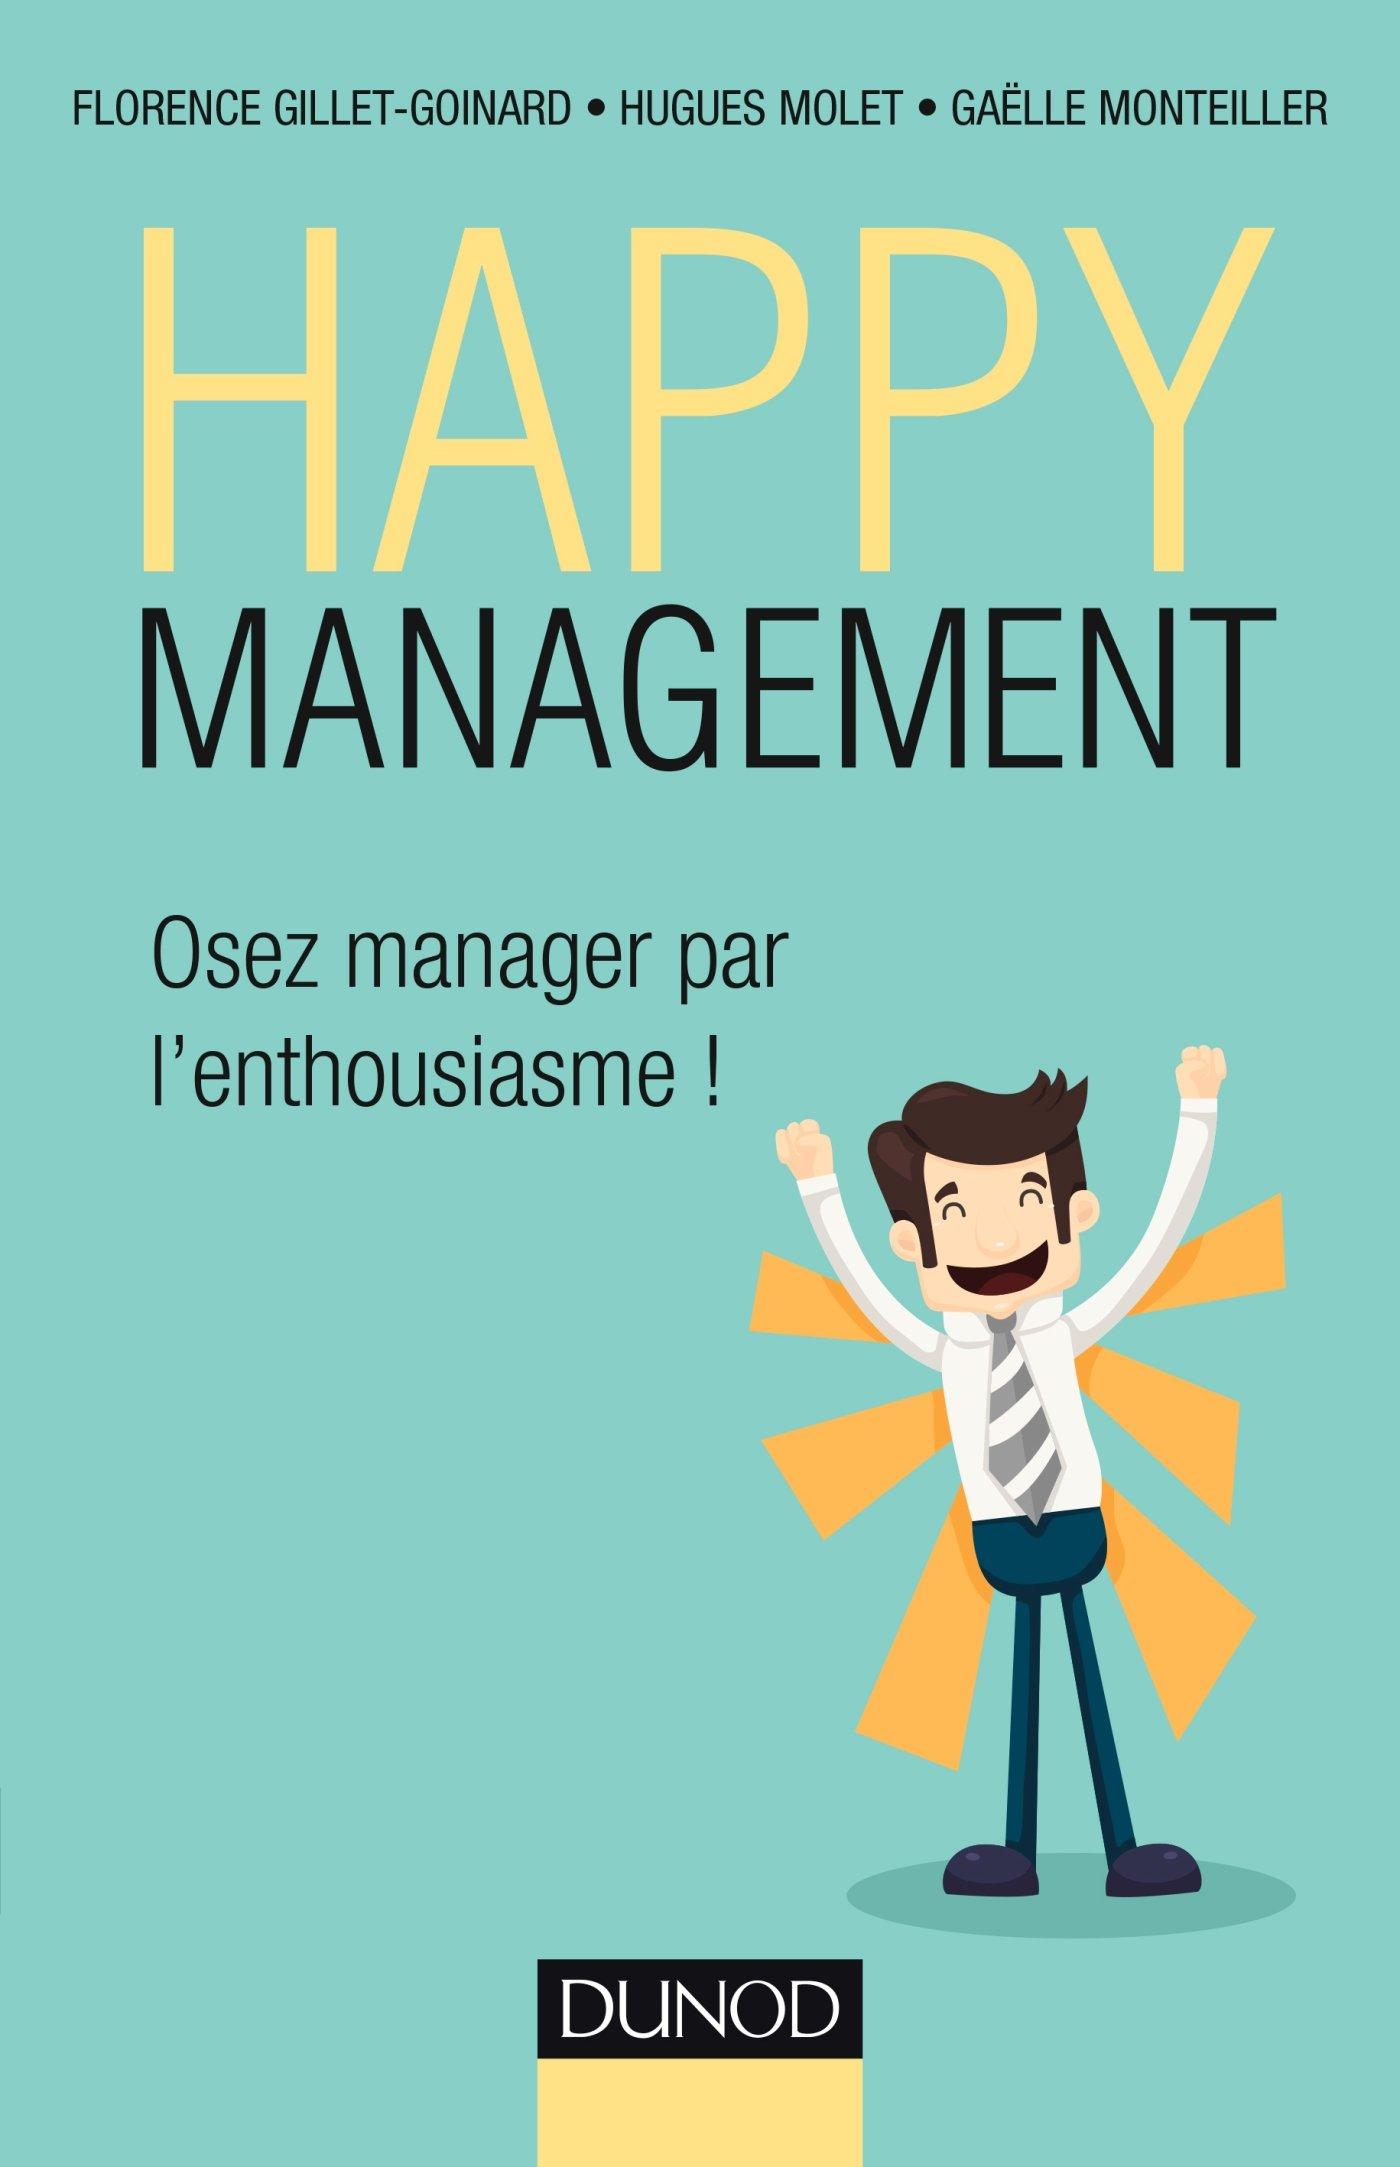 Happy management : Osez manager par l'enthousiasme